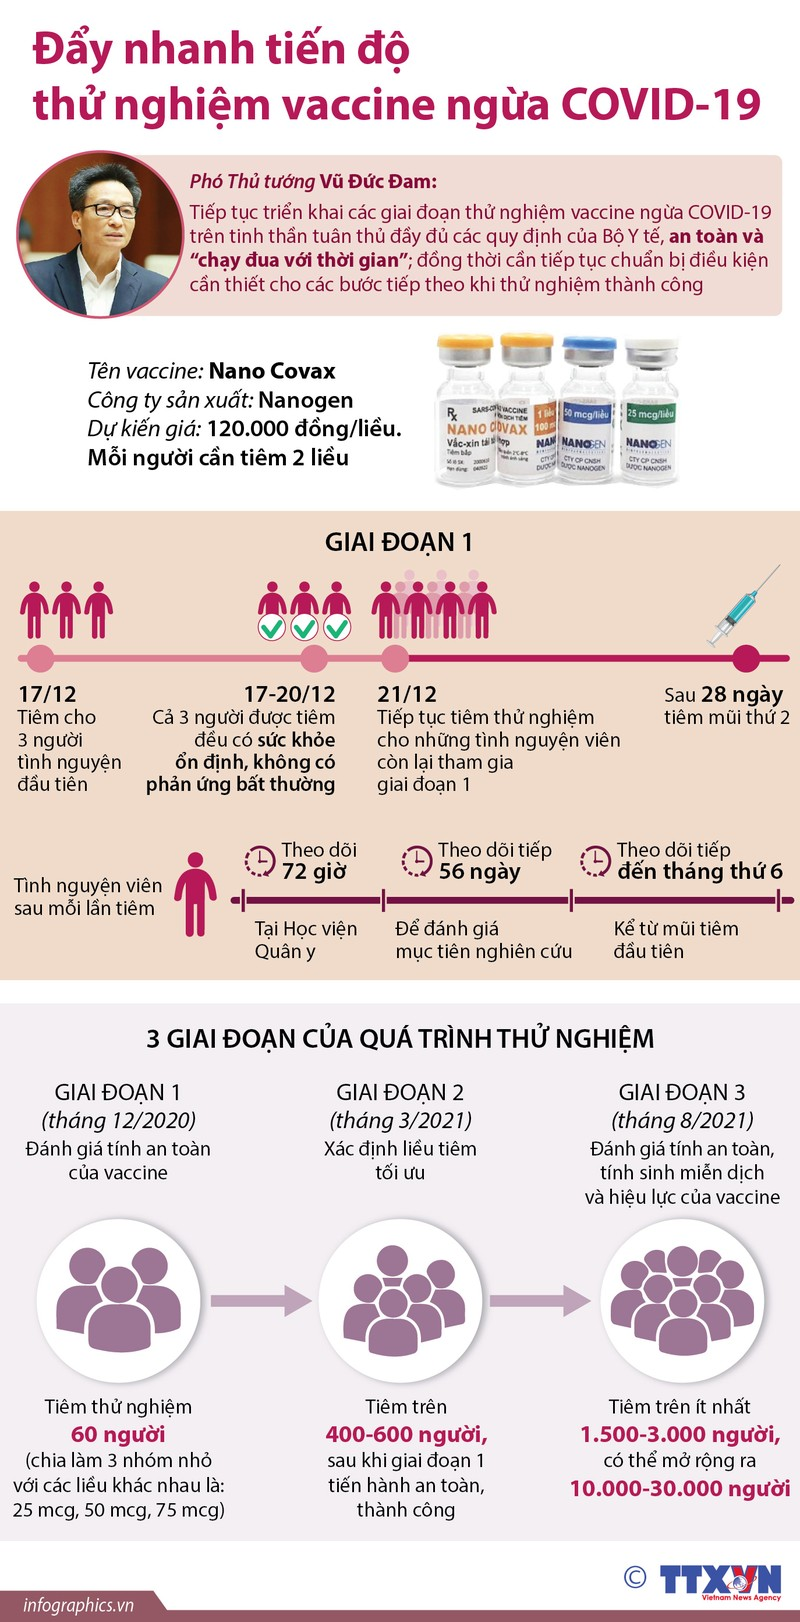 Viet Nam day nhanh tien do thu nghiem vaccine ngua COVID-19